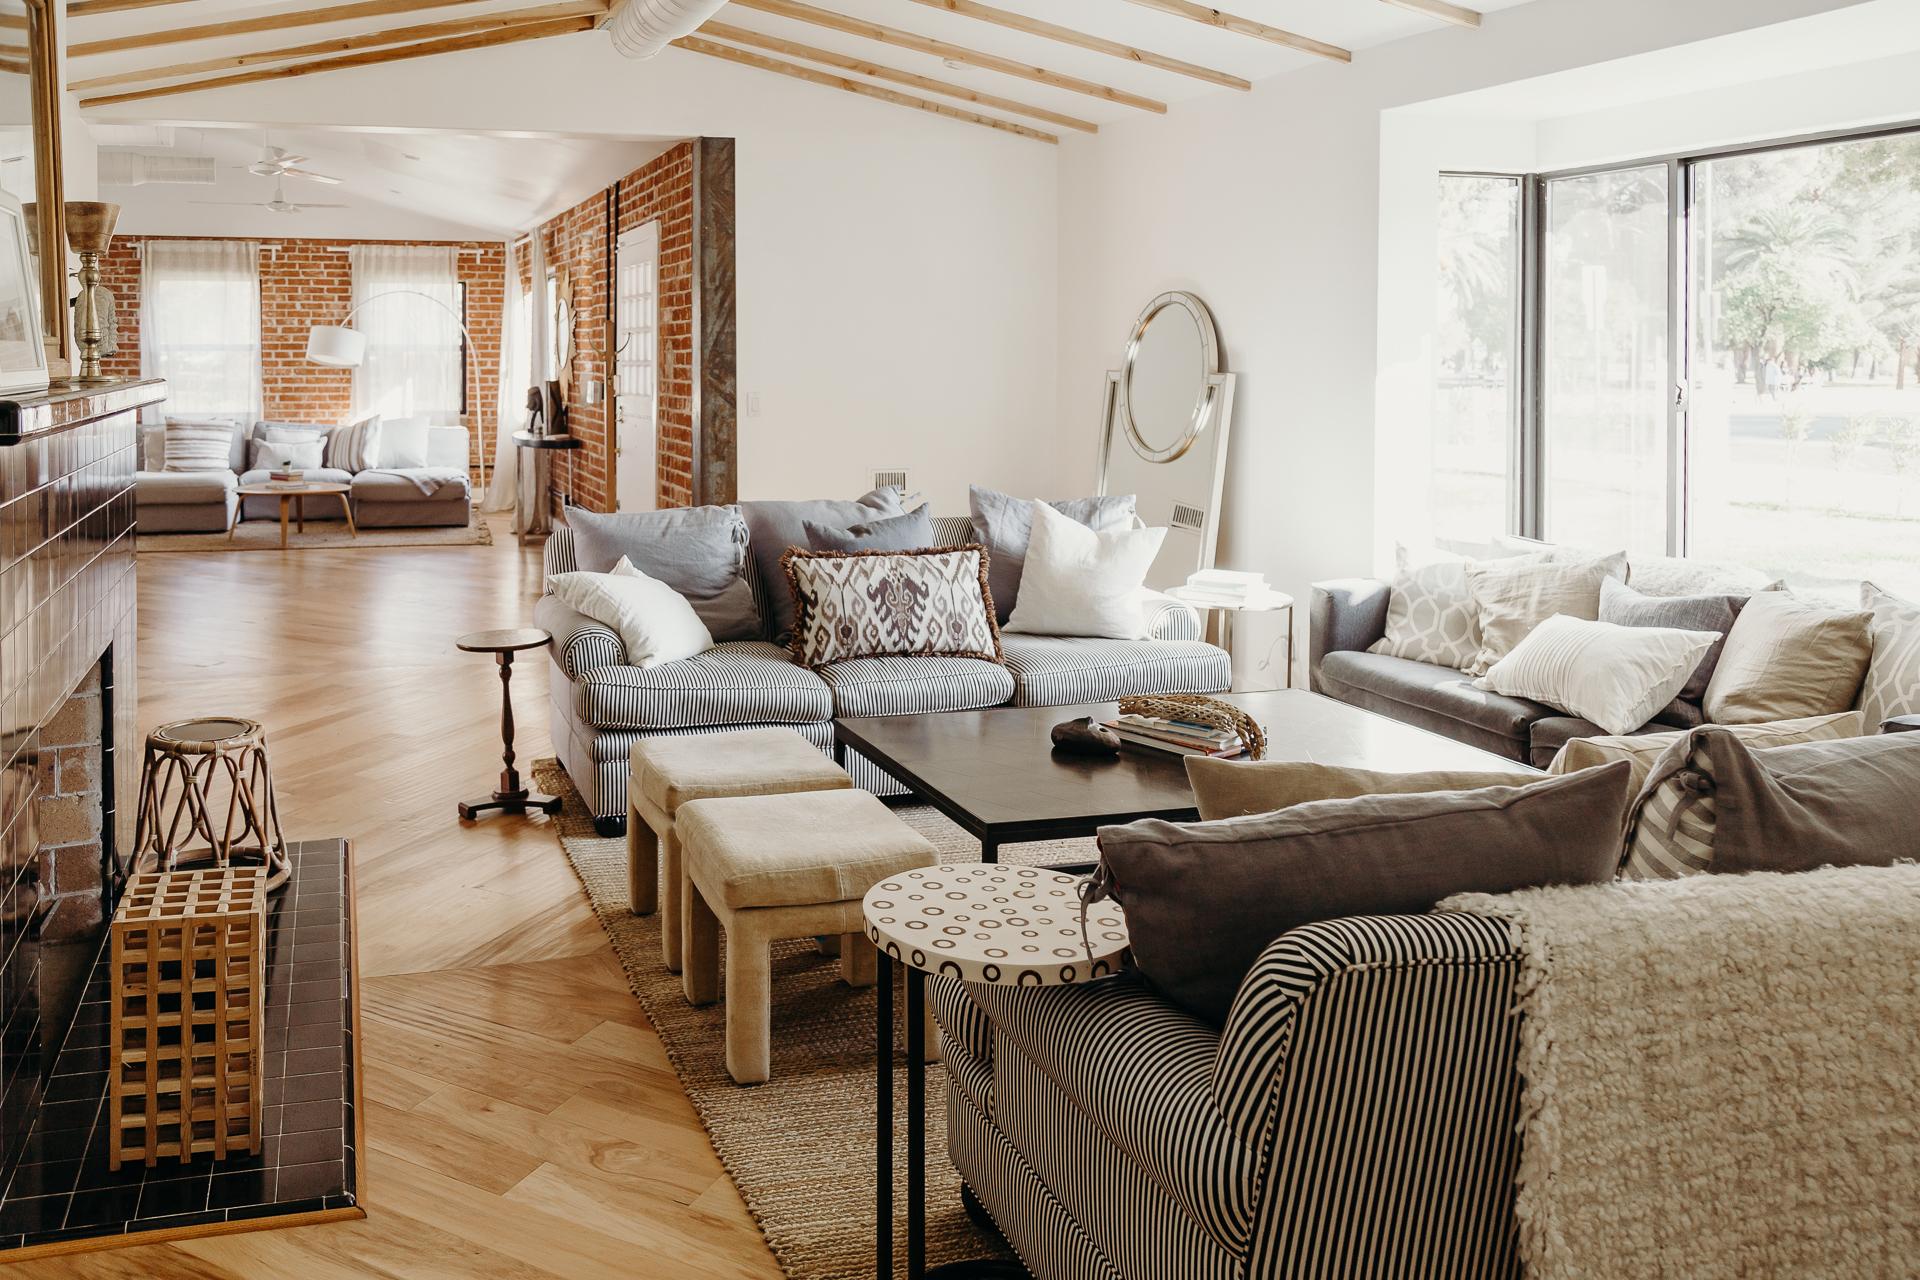 esparza-airbnb-1039.jpg